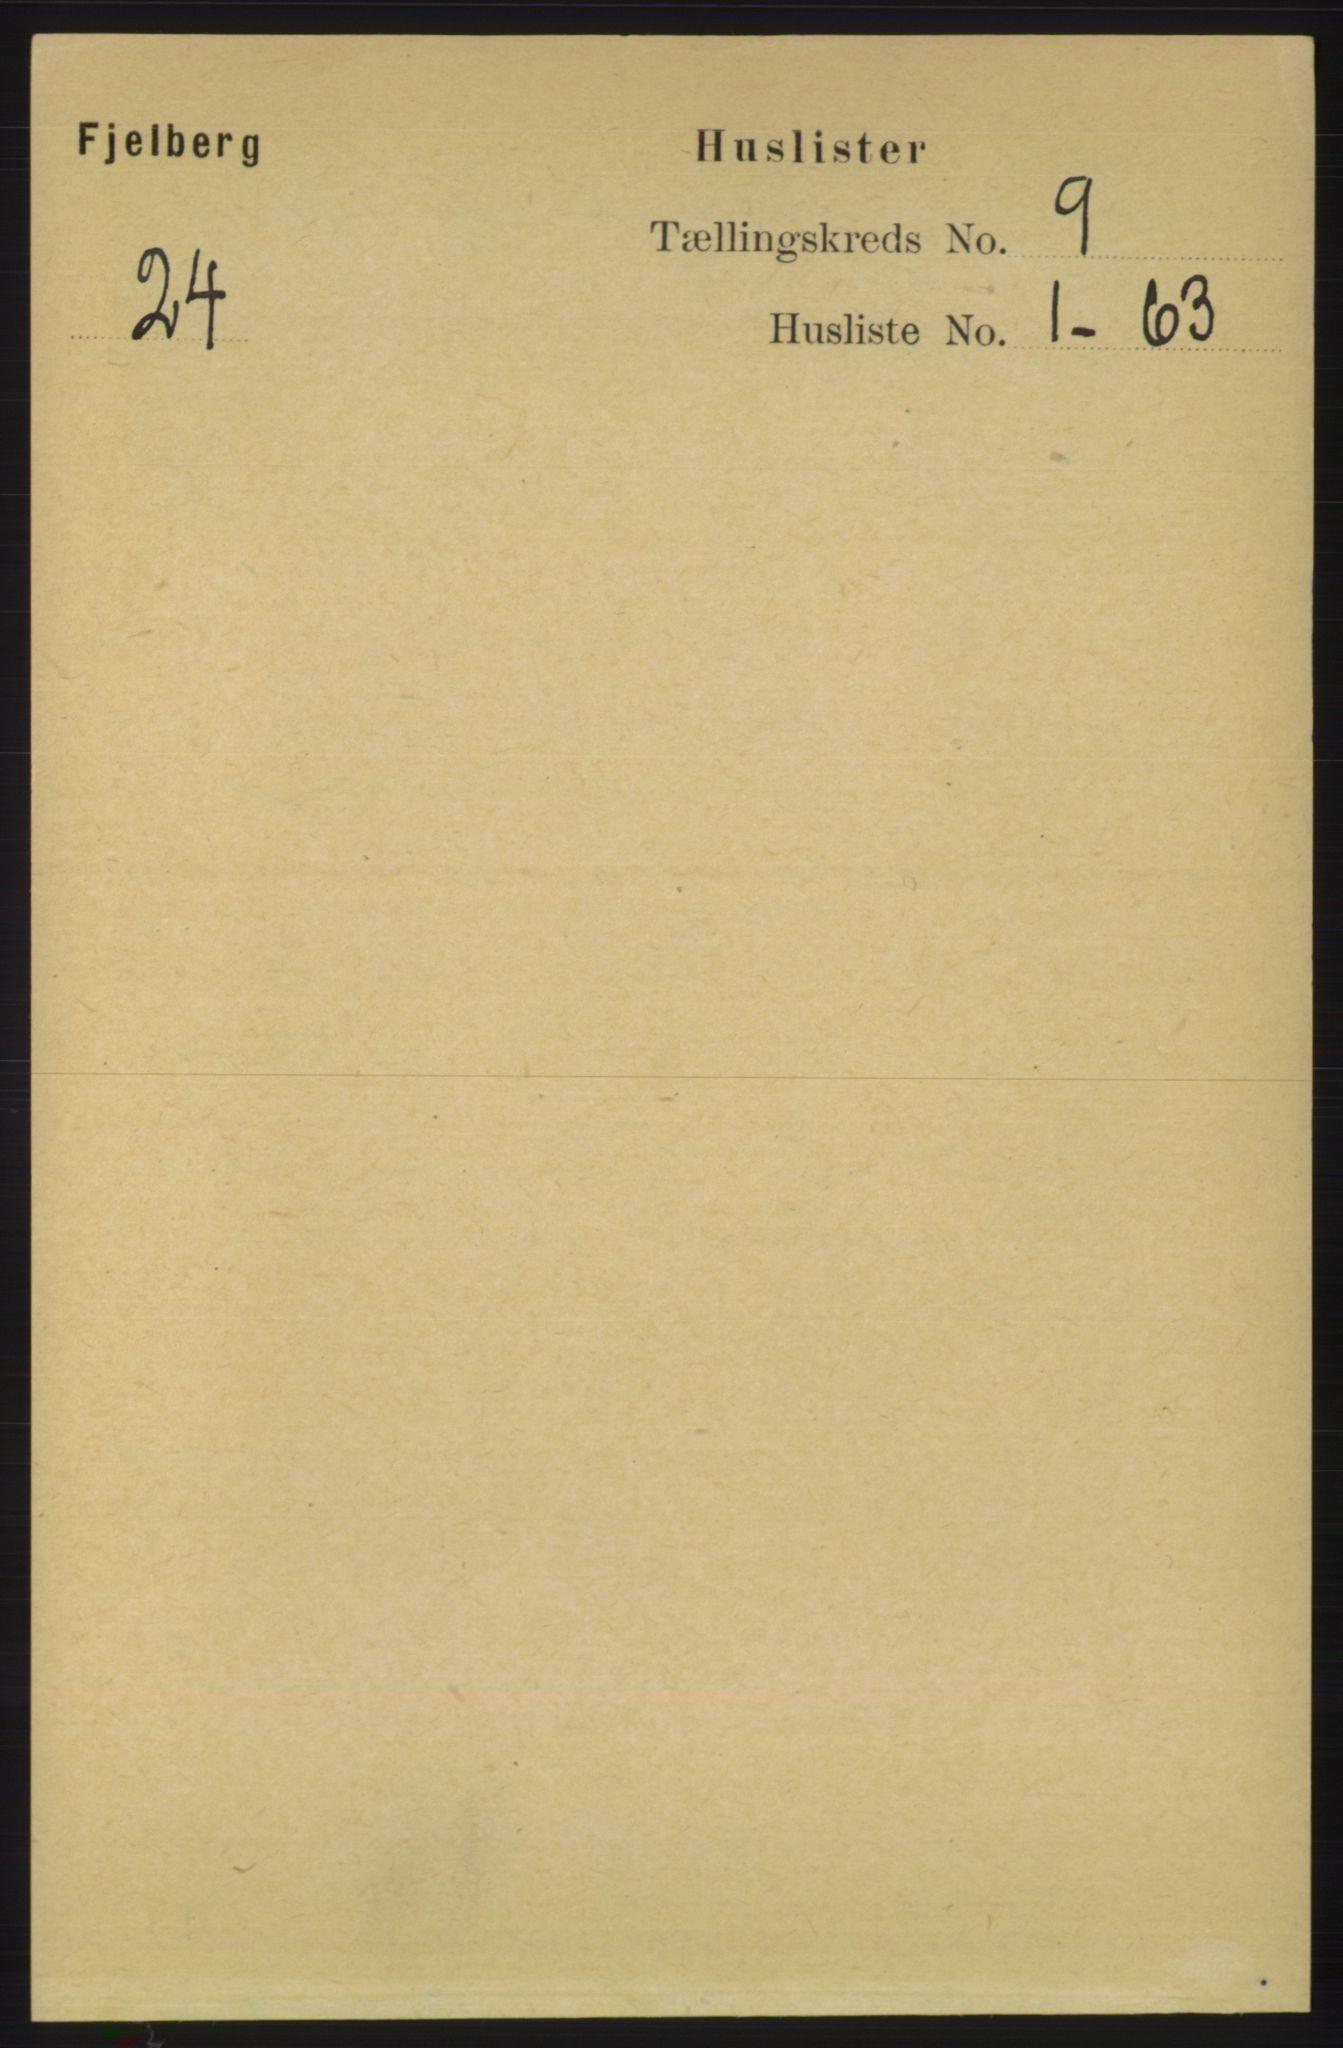 RA, Folketelling 1891 for 1213 Fjelberg herred, 1891, s. 3354